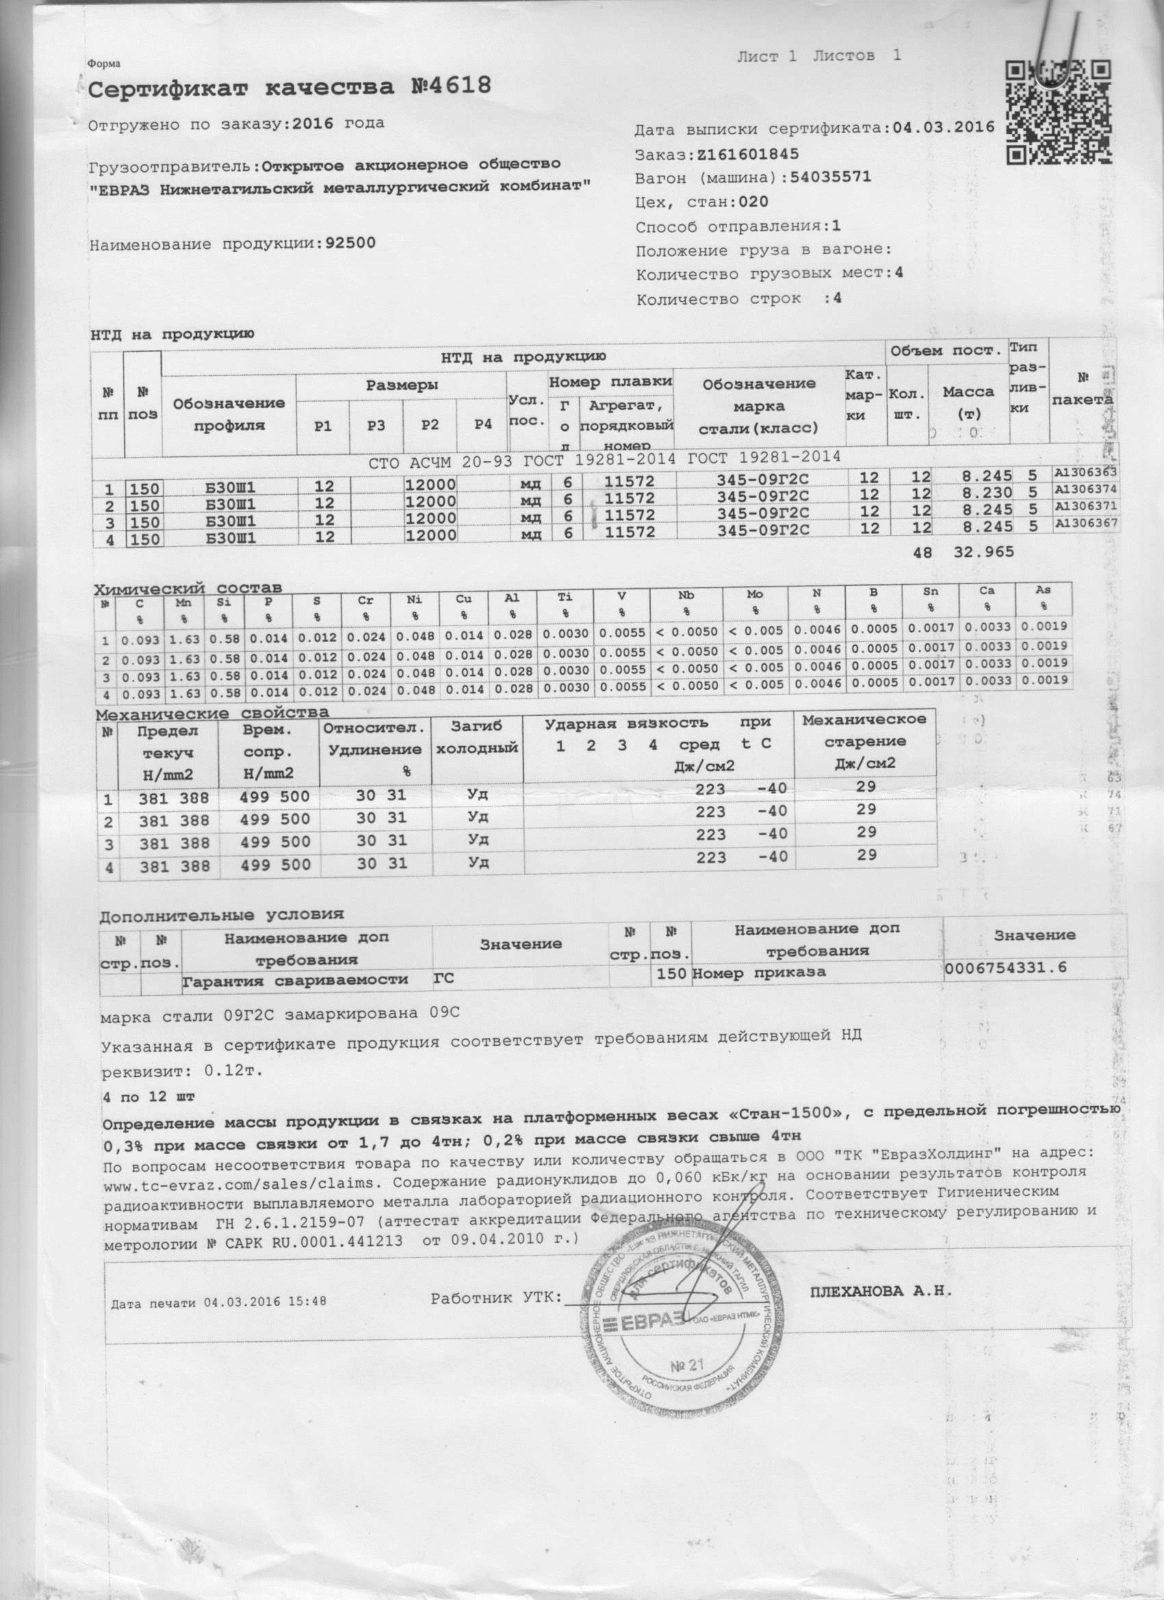 Балка 30Ш1 09г2с